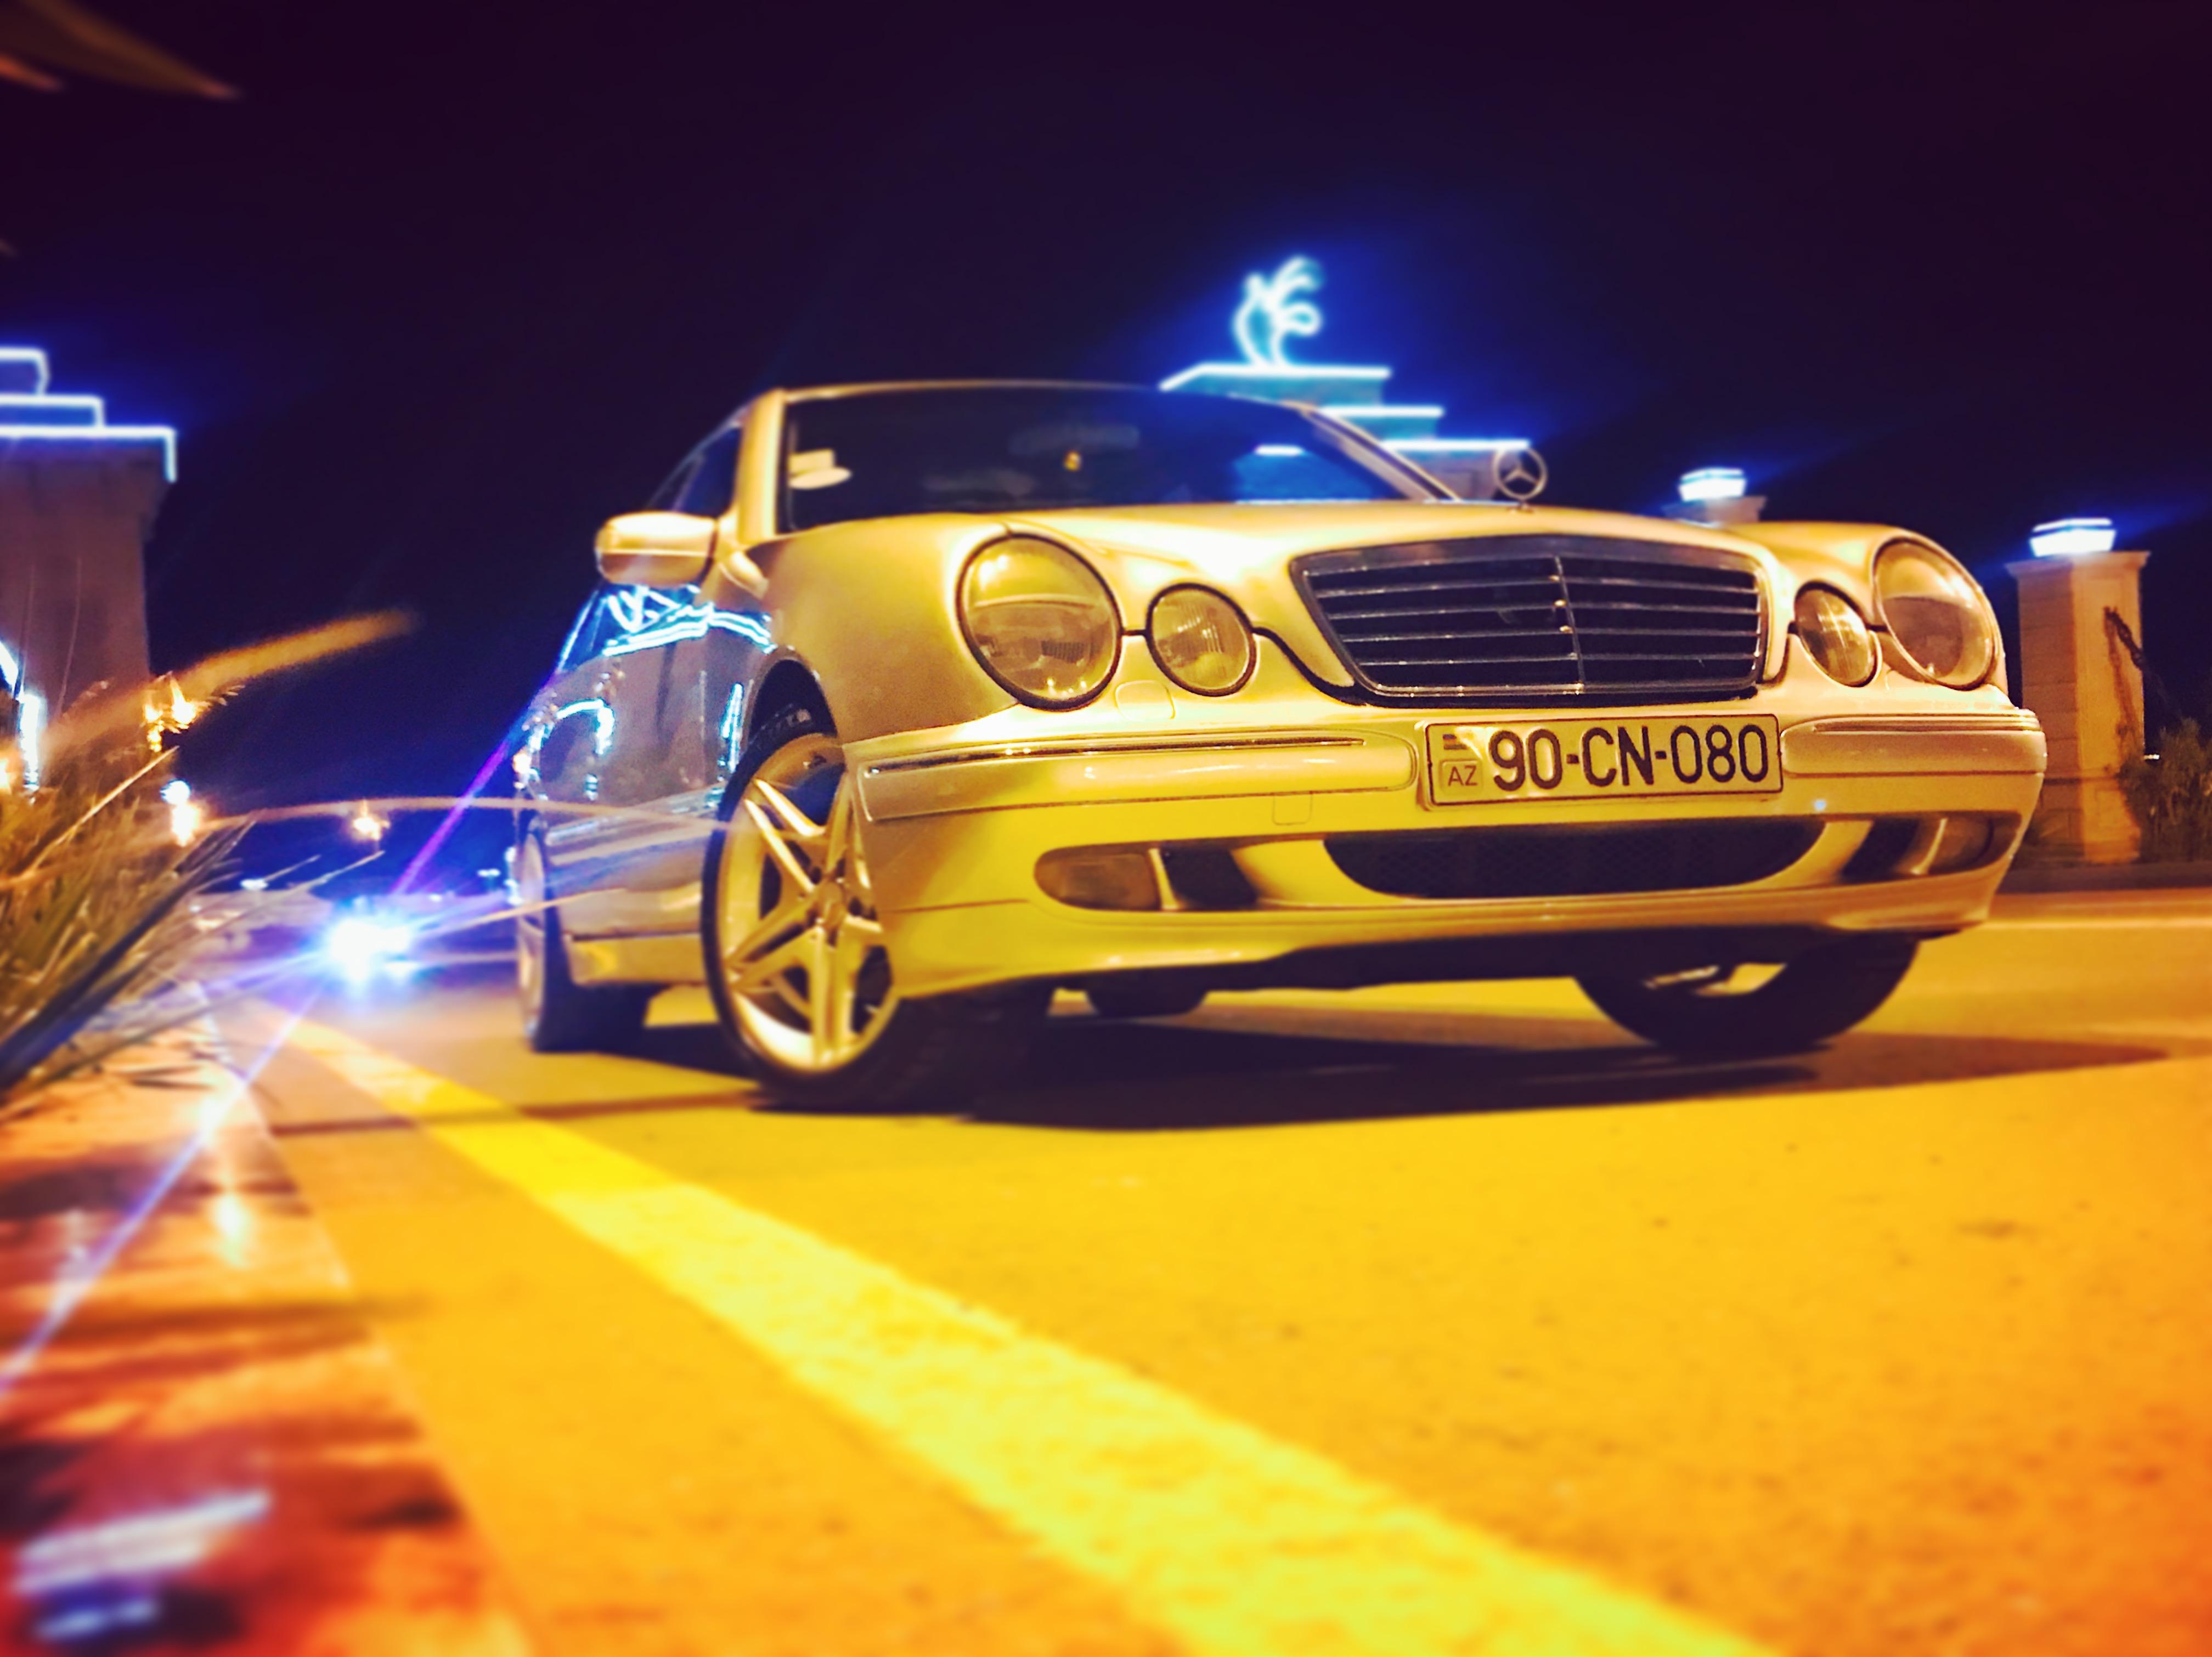 Mercedes-Benz E 240 2.4(lt) 2000 Second hand  $15500